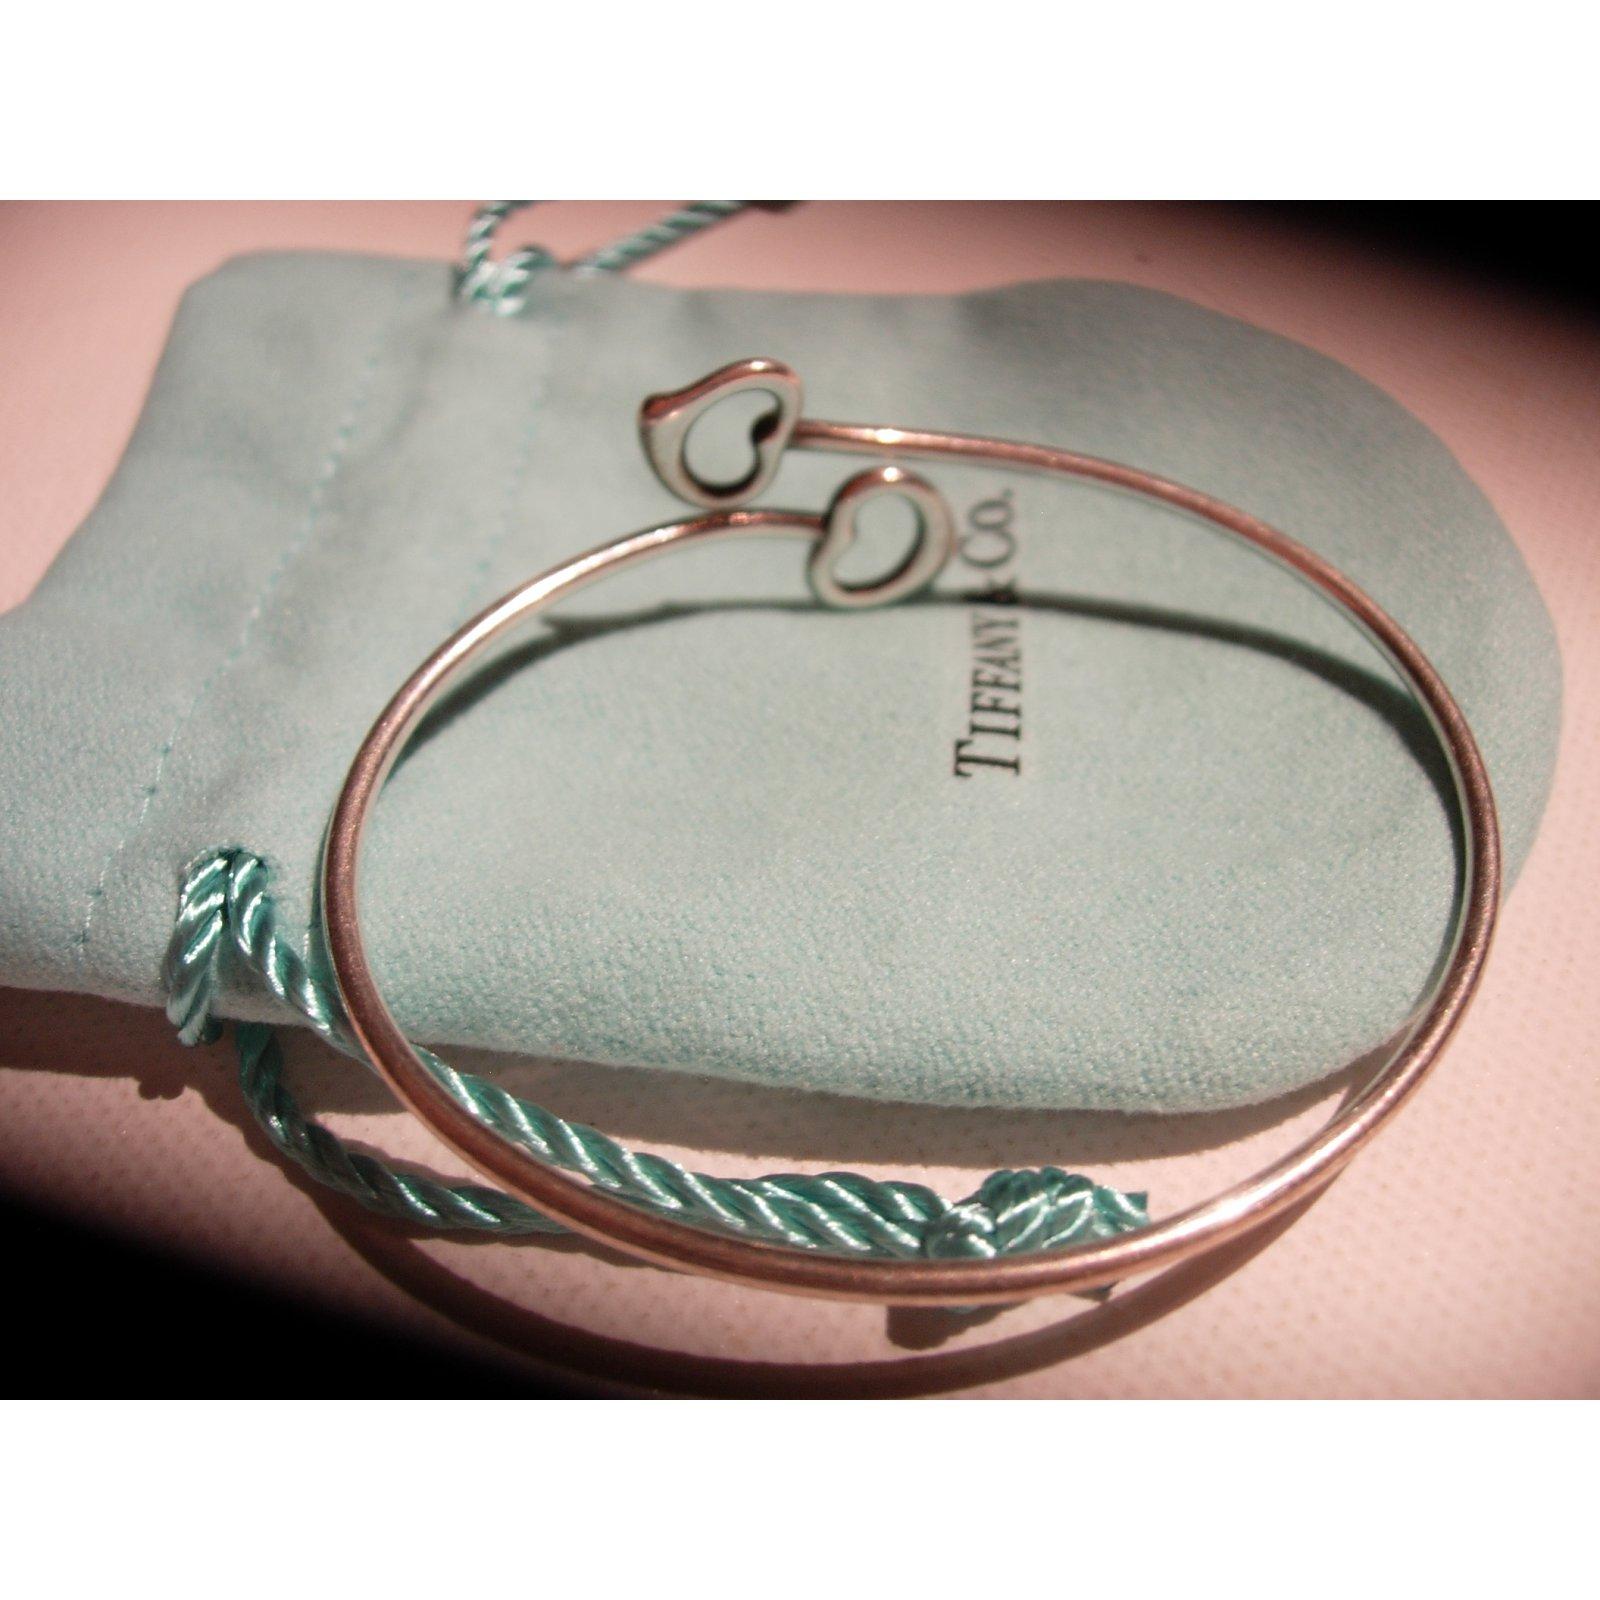 9c45f4562 Bracelets Tiffany & Co Open Heart / Cœur ouvert par Elsa Peretti Argent  Argenté ref.86021 - Joli Closet